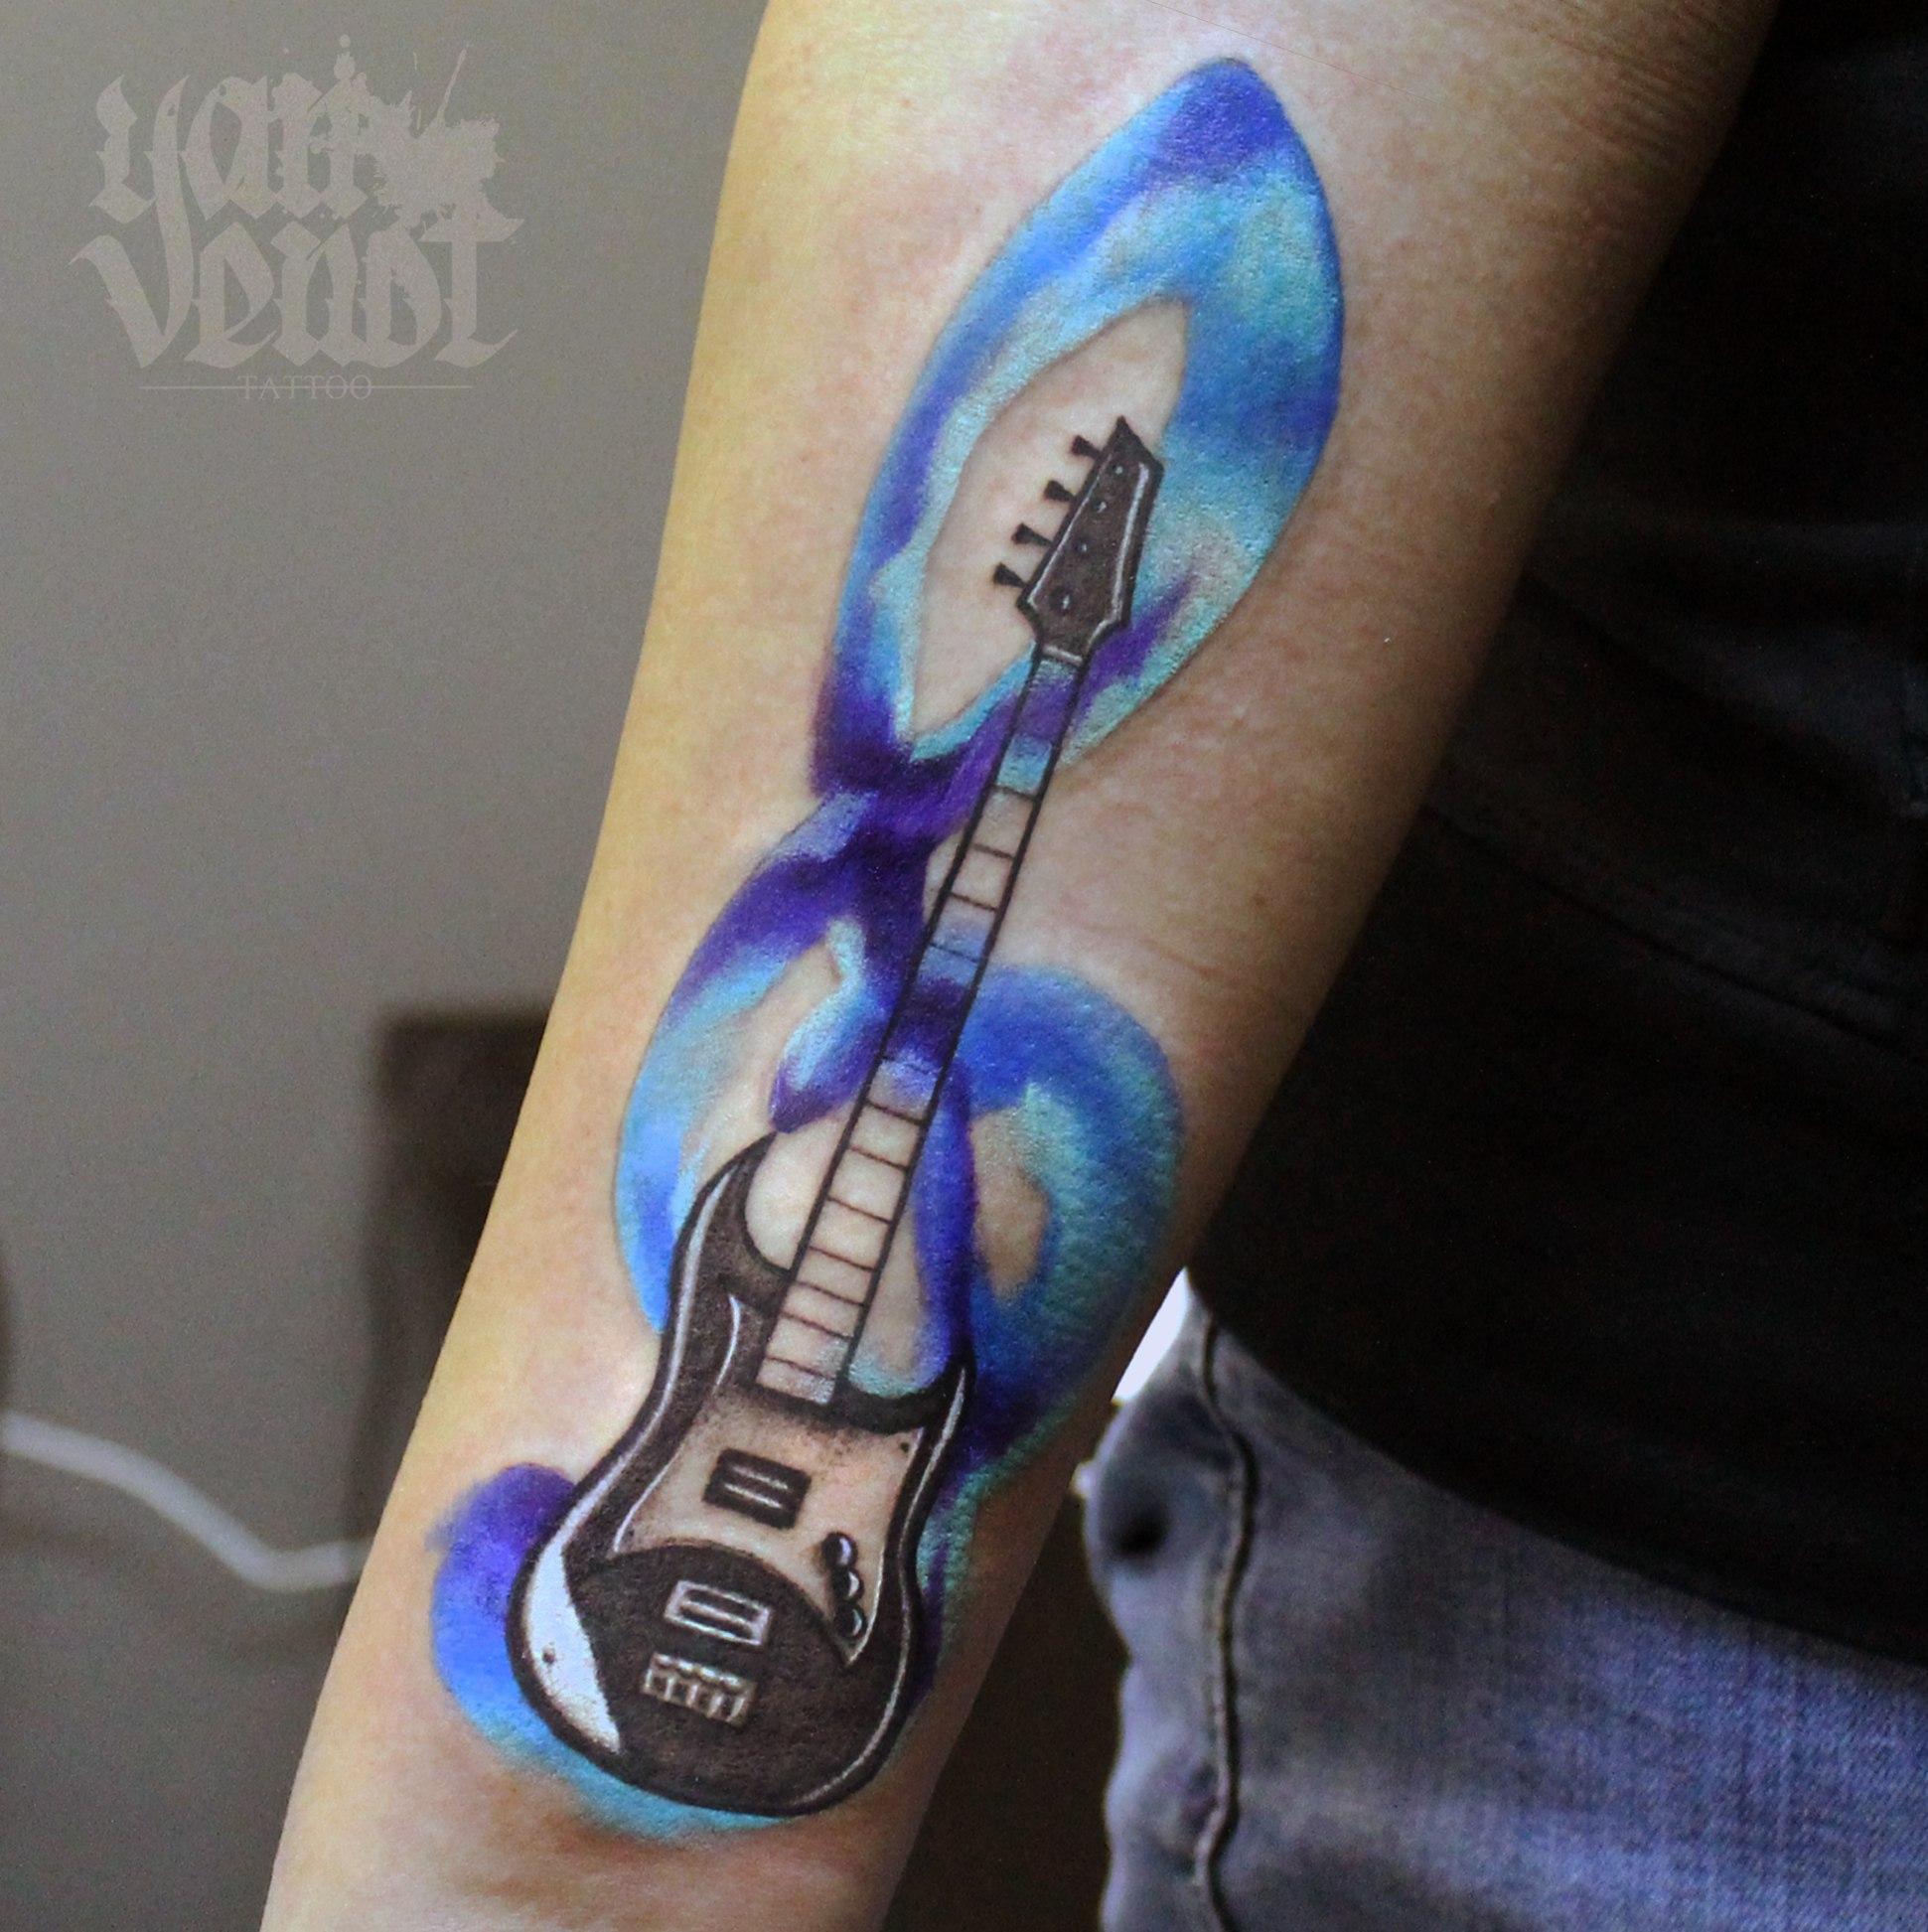 Художественная татуировка «Гитара». Мастер Ян Енот. Художественная татуировка «Гитара». Мастер Ян Енот. Расположение рука.